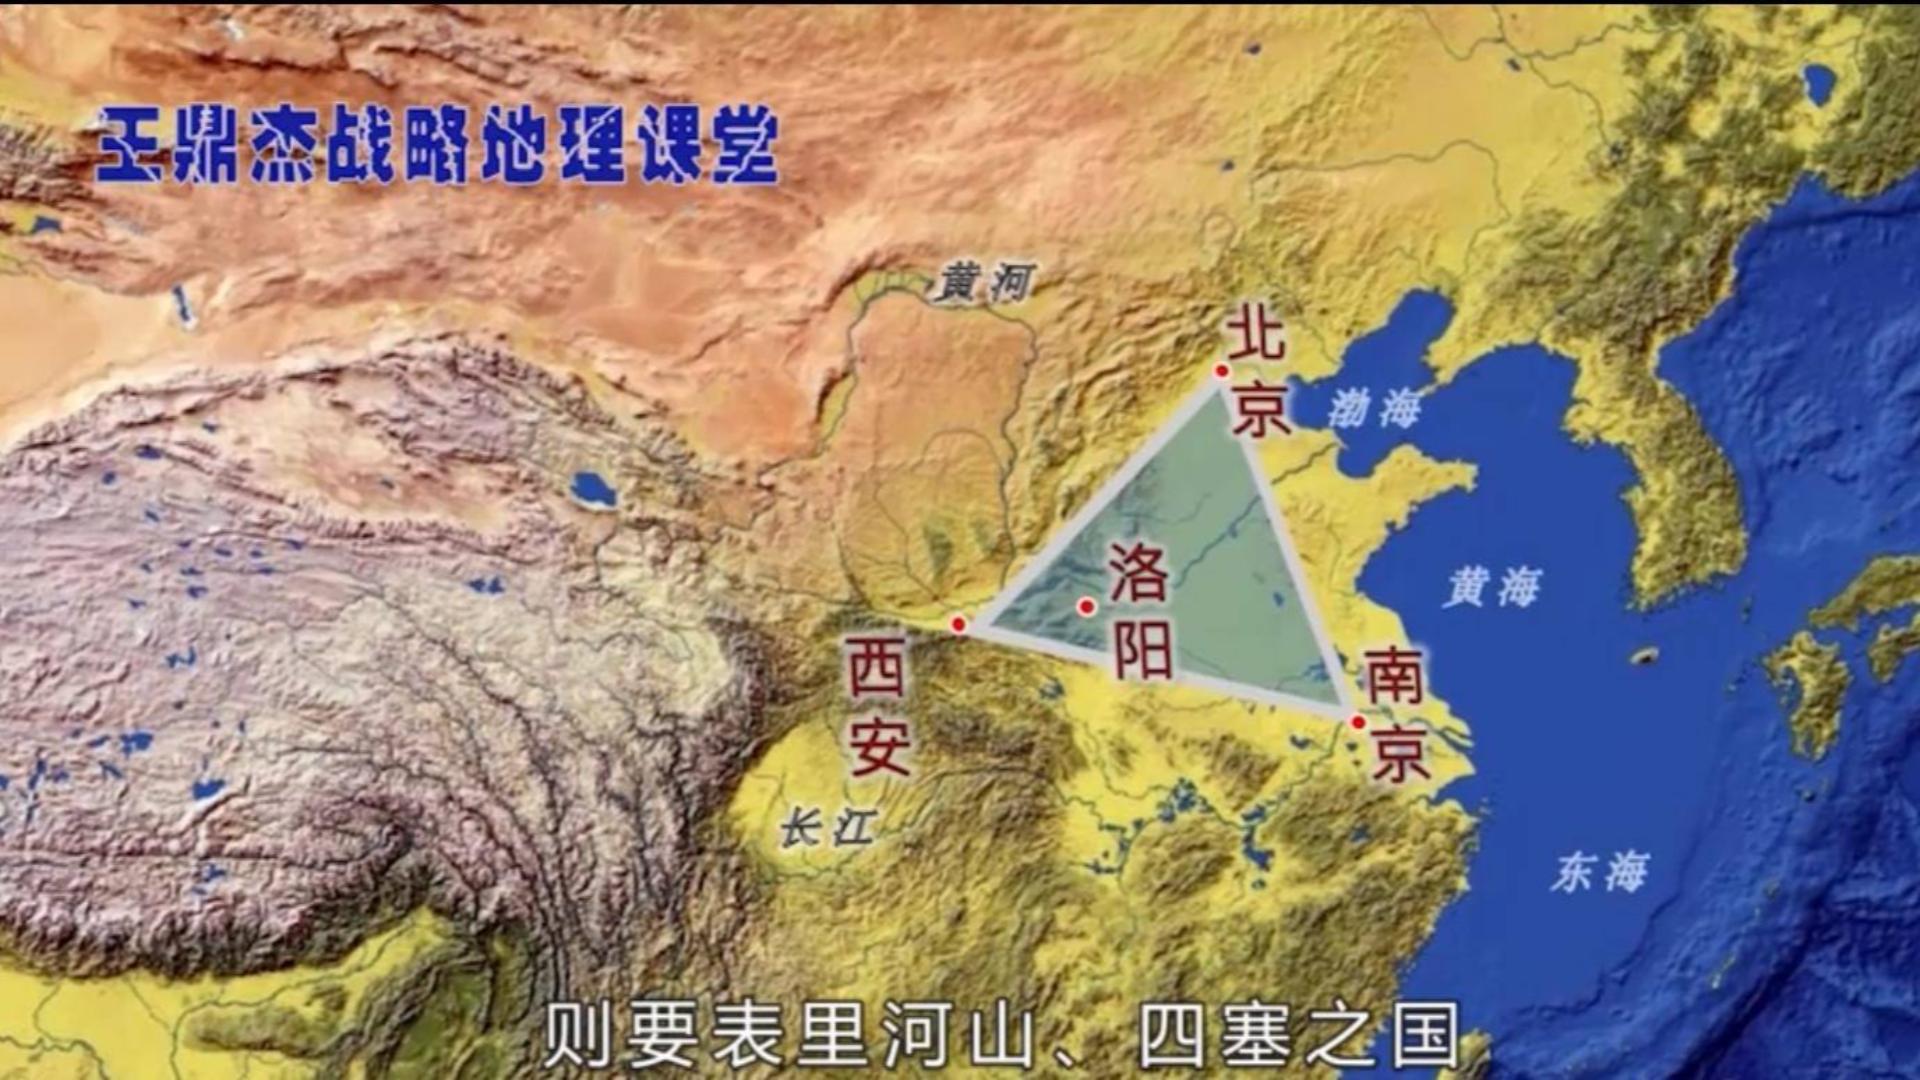 【王鼎杰战略地理课堂】中国大一统王朝的定都原则 至今仍有借鉴意义